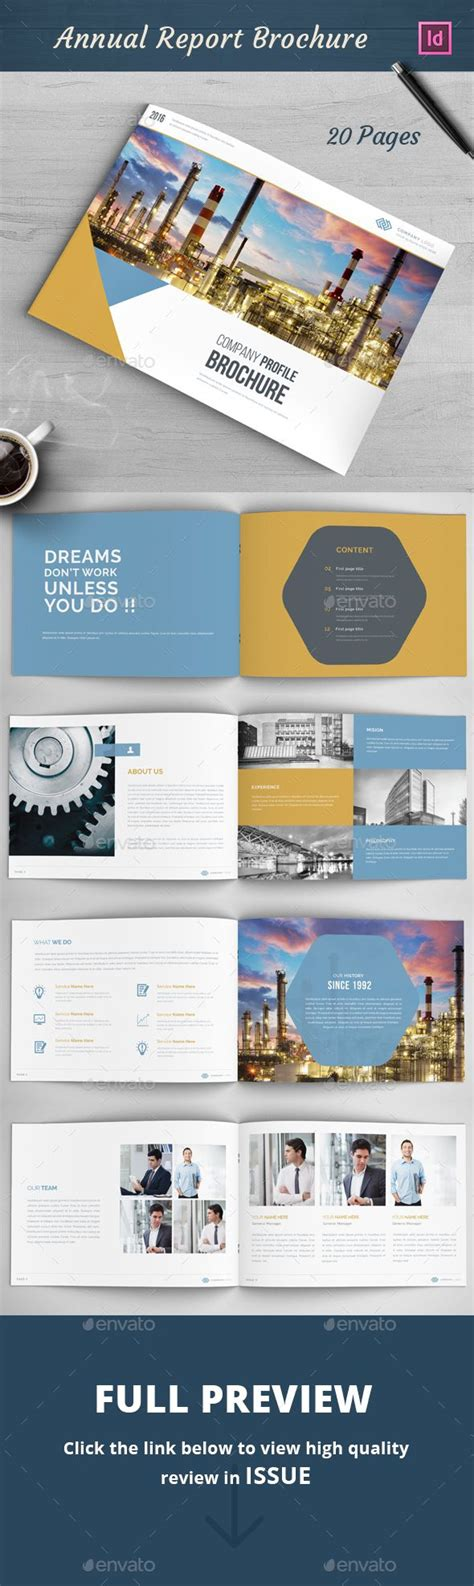 design republic company profile company profile brochure company profile brochures and